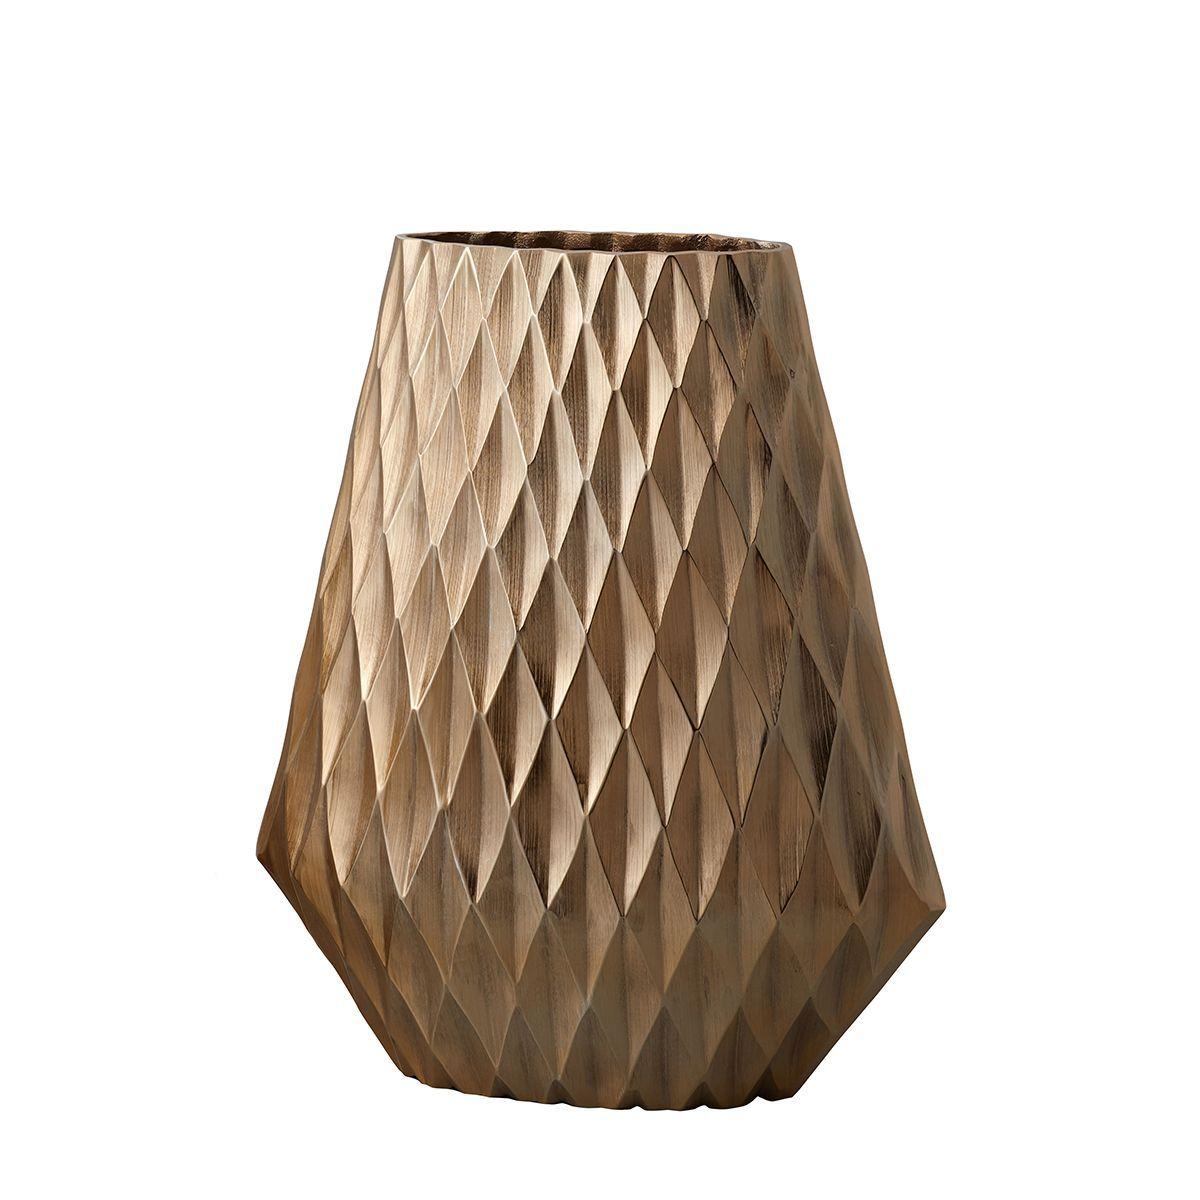 花器、リース 花器・花瓶 ブリキ・アイアン・アルミ花器 手作り 材料 クレイ/Aluminum Geometrie GOLD/570-574-902【01】【取寄】